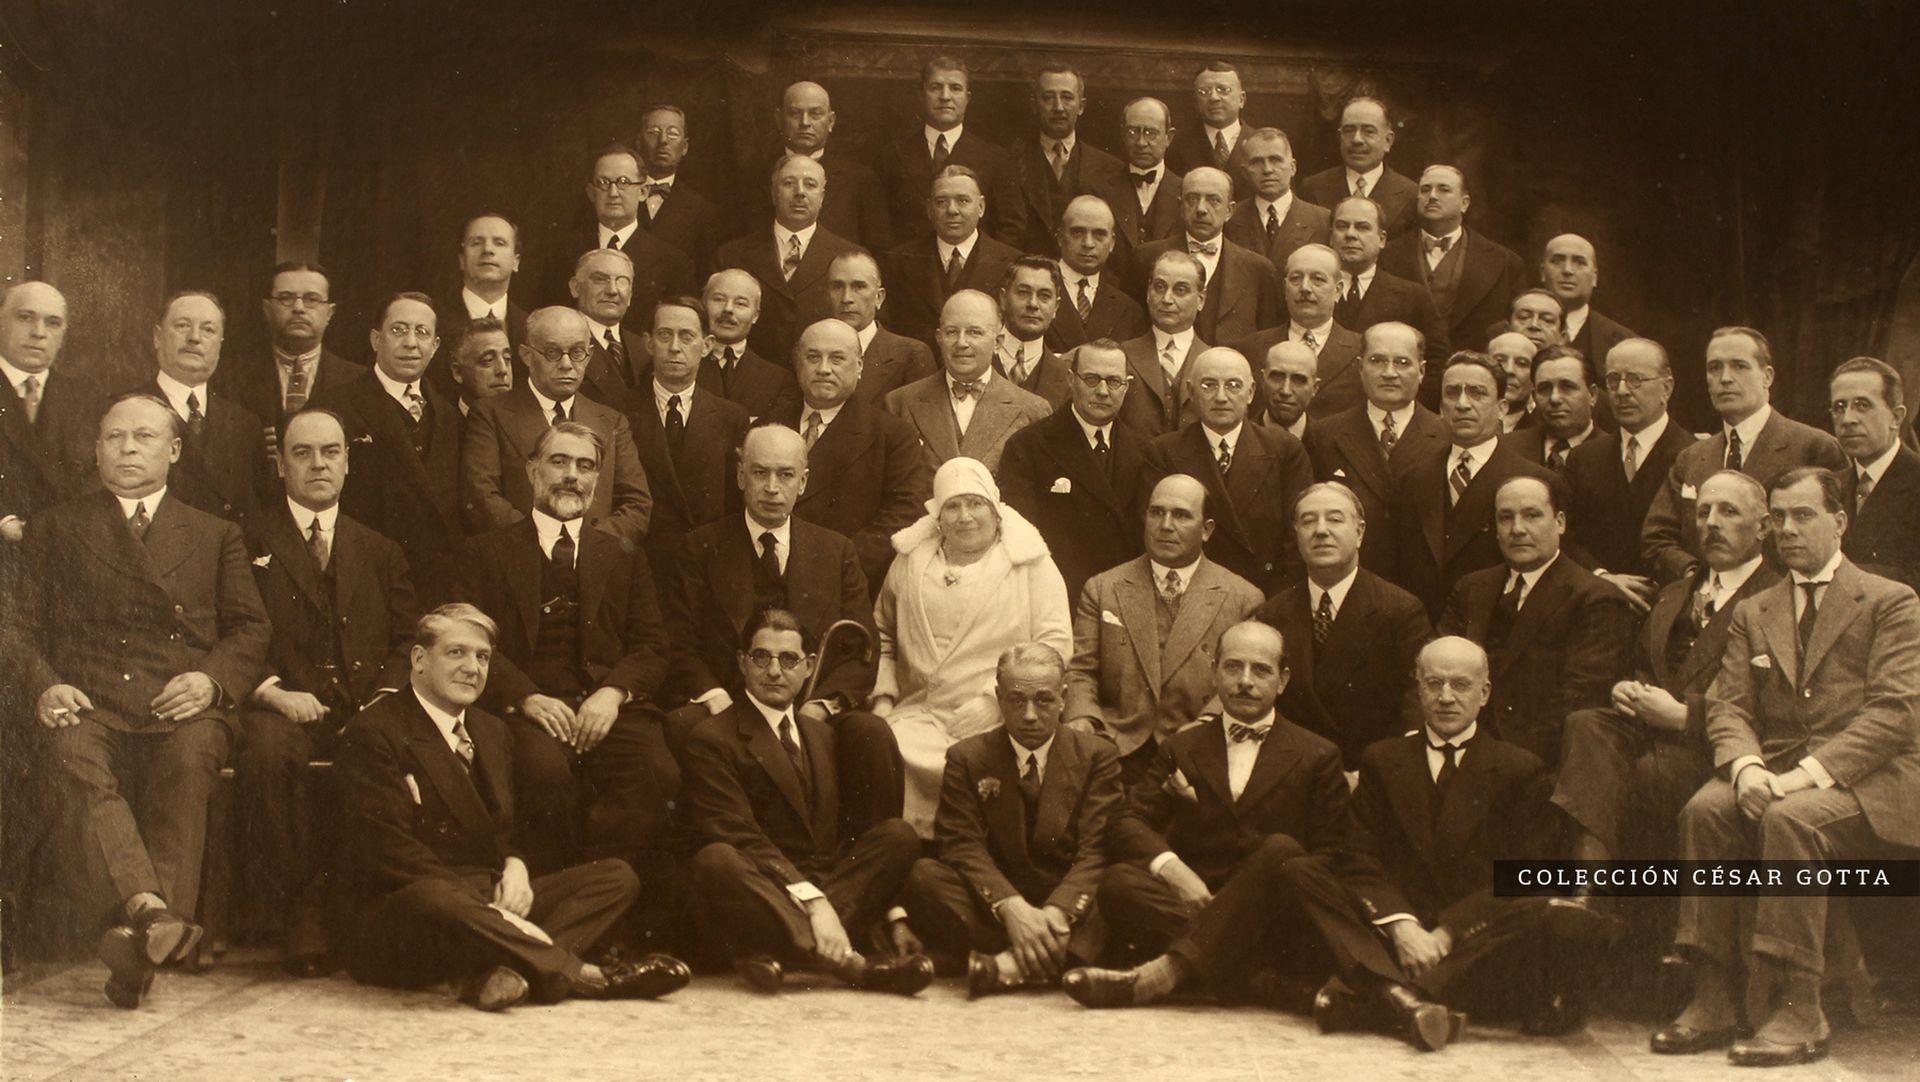 Cecilia Grierson, la primera médica argentina, rodeada de colegas. 1917.